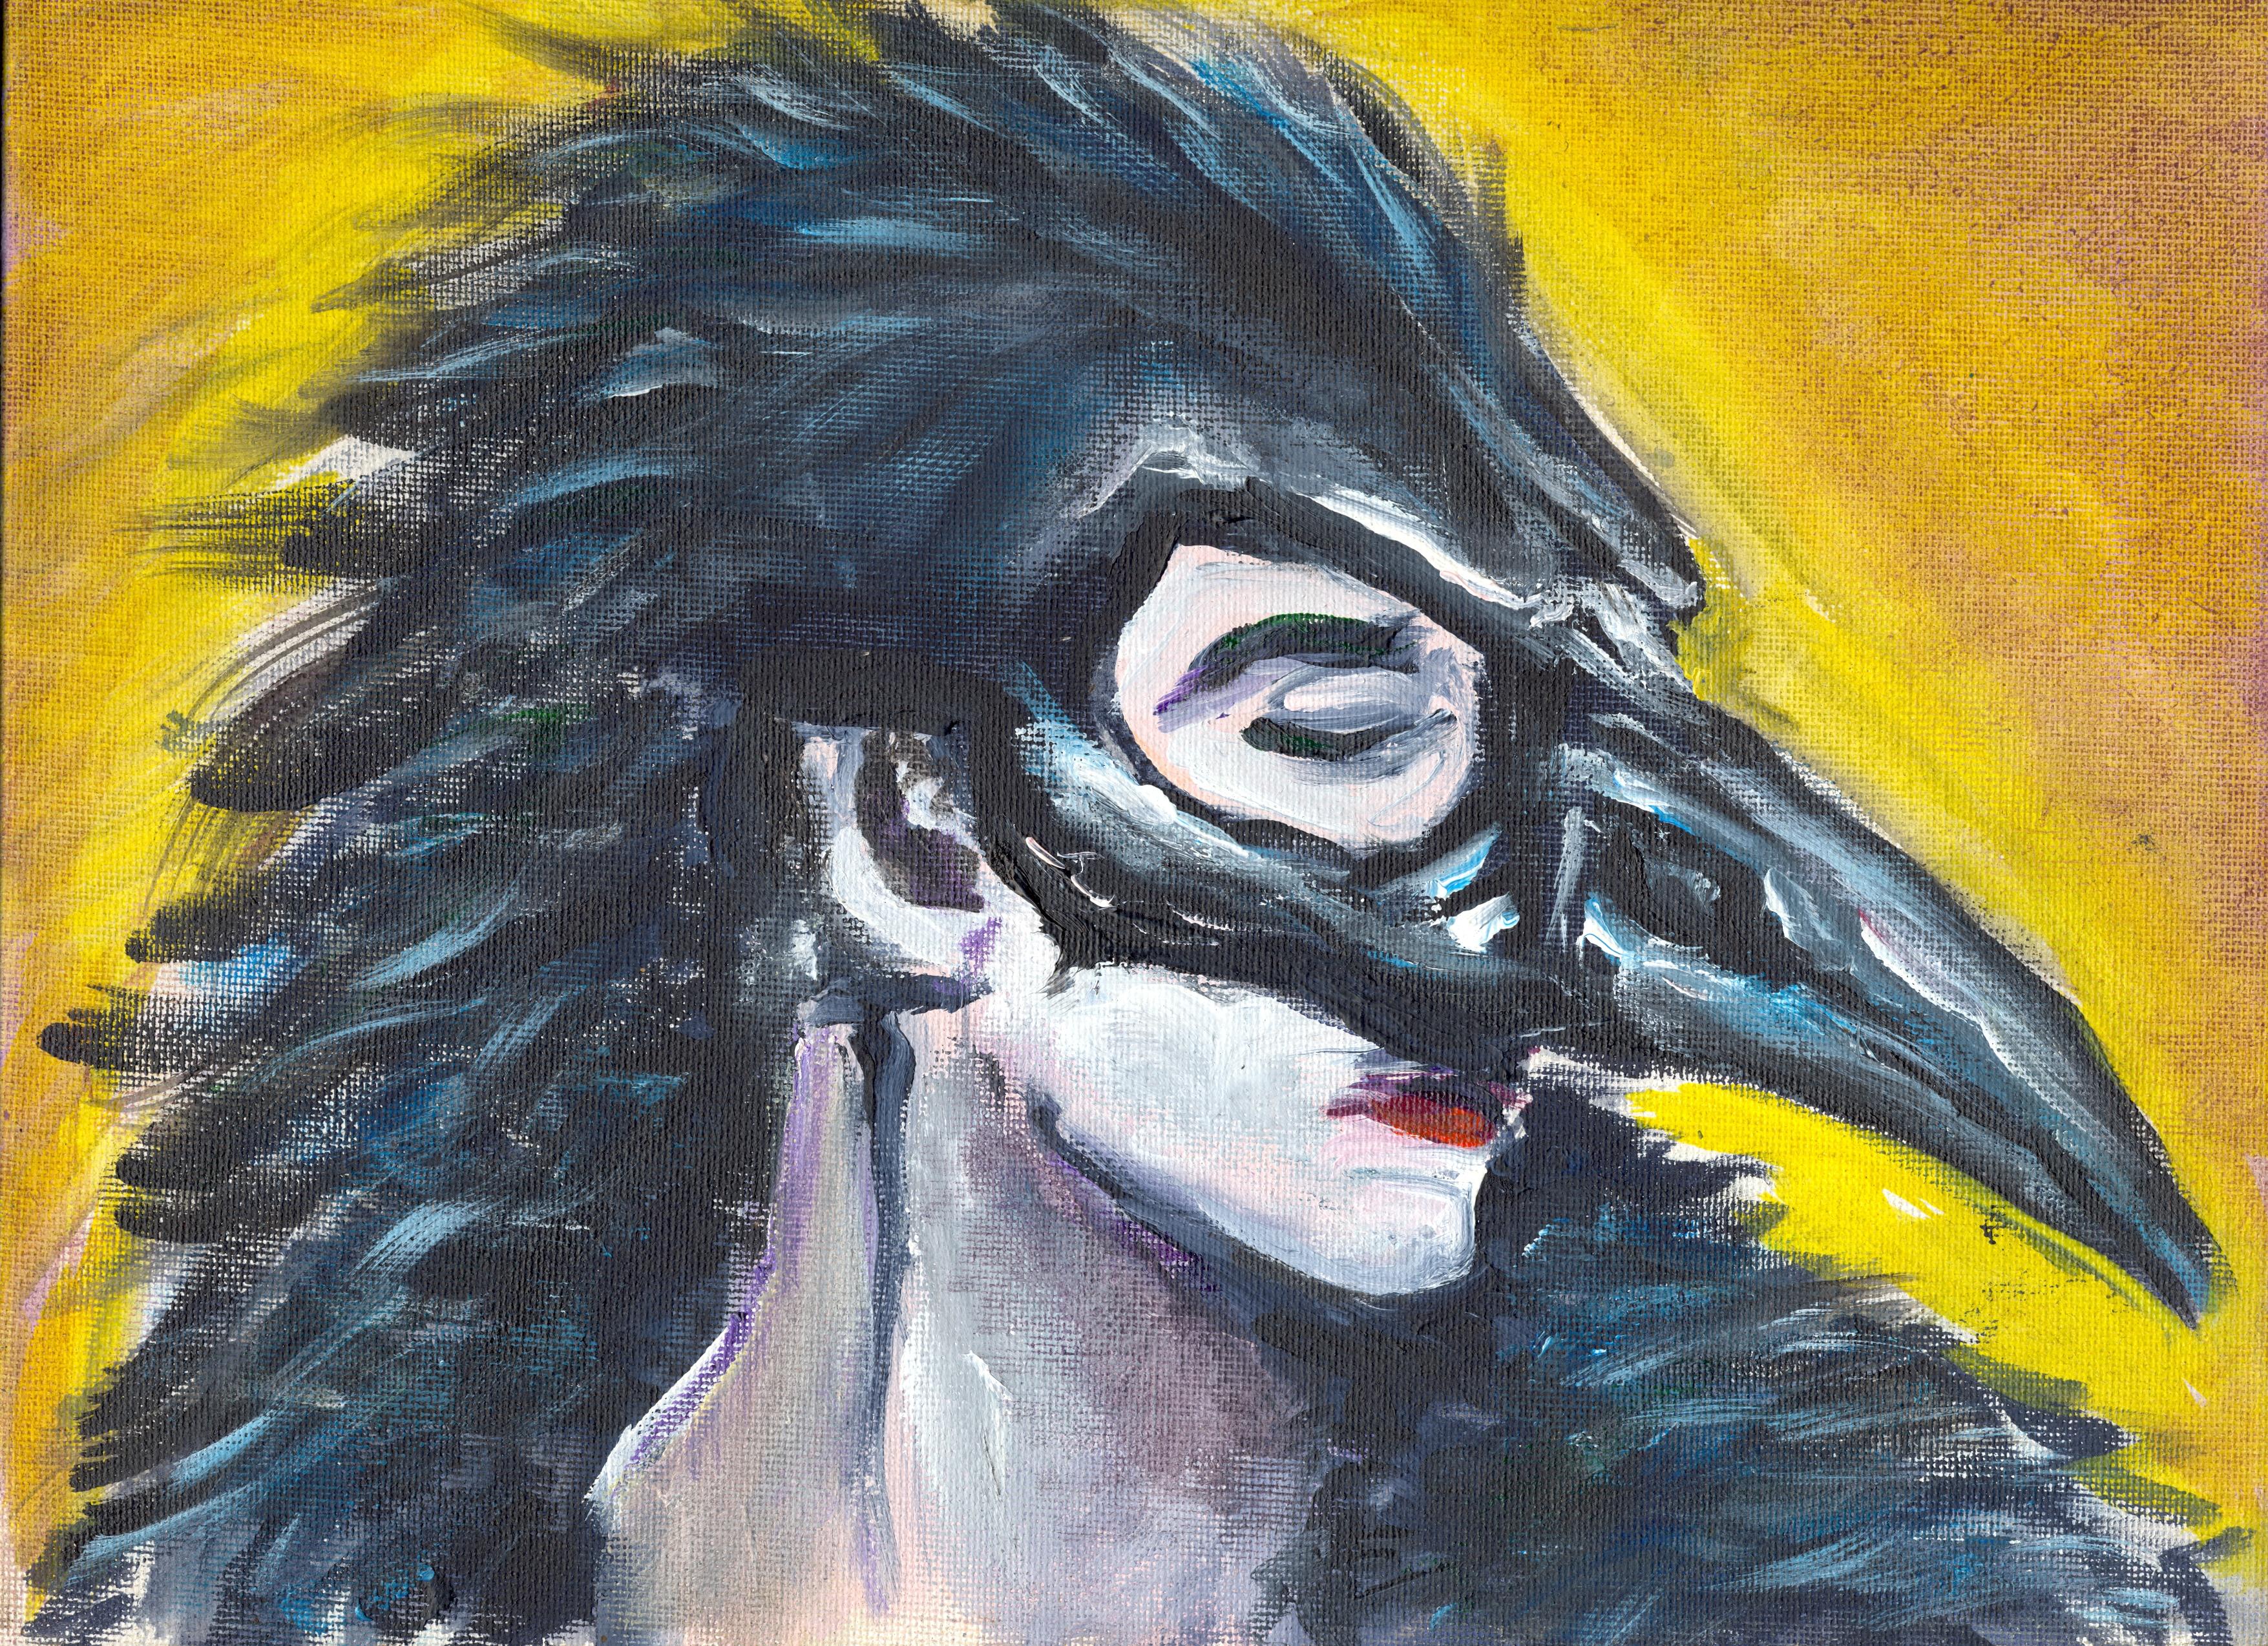 For the Black Bird Women